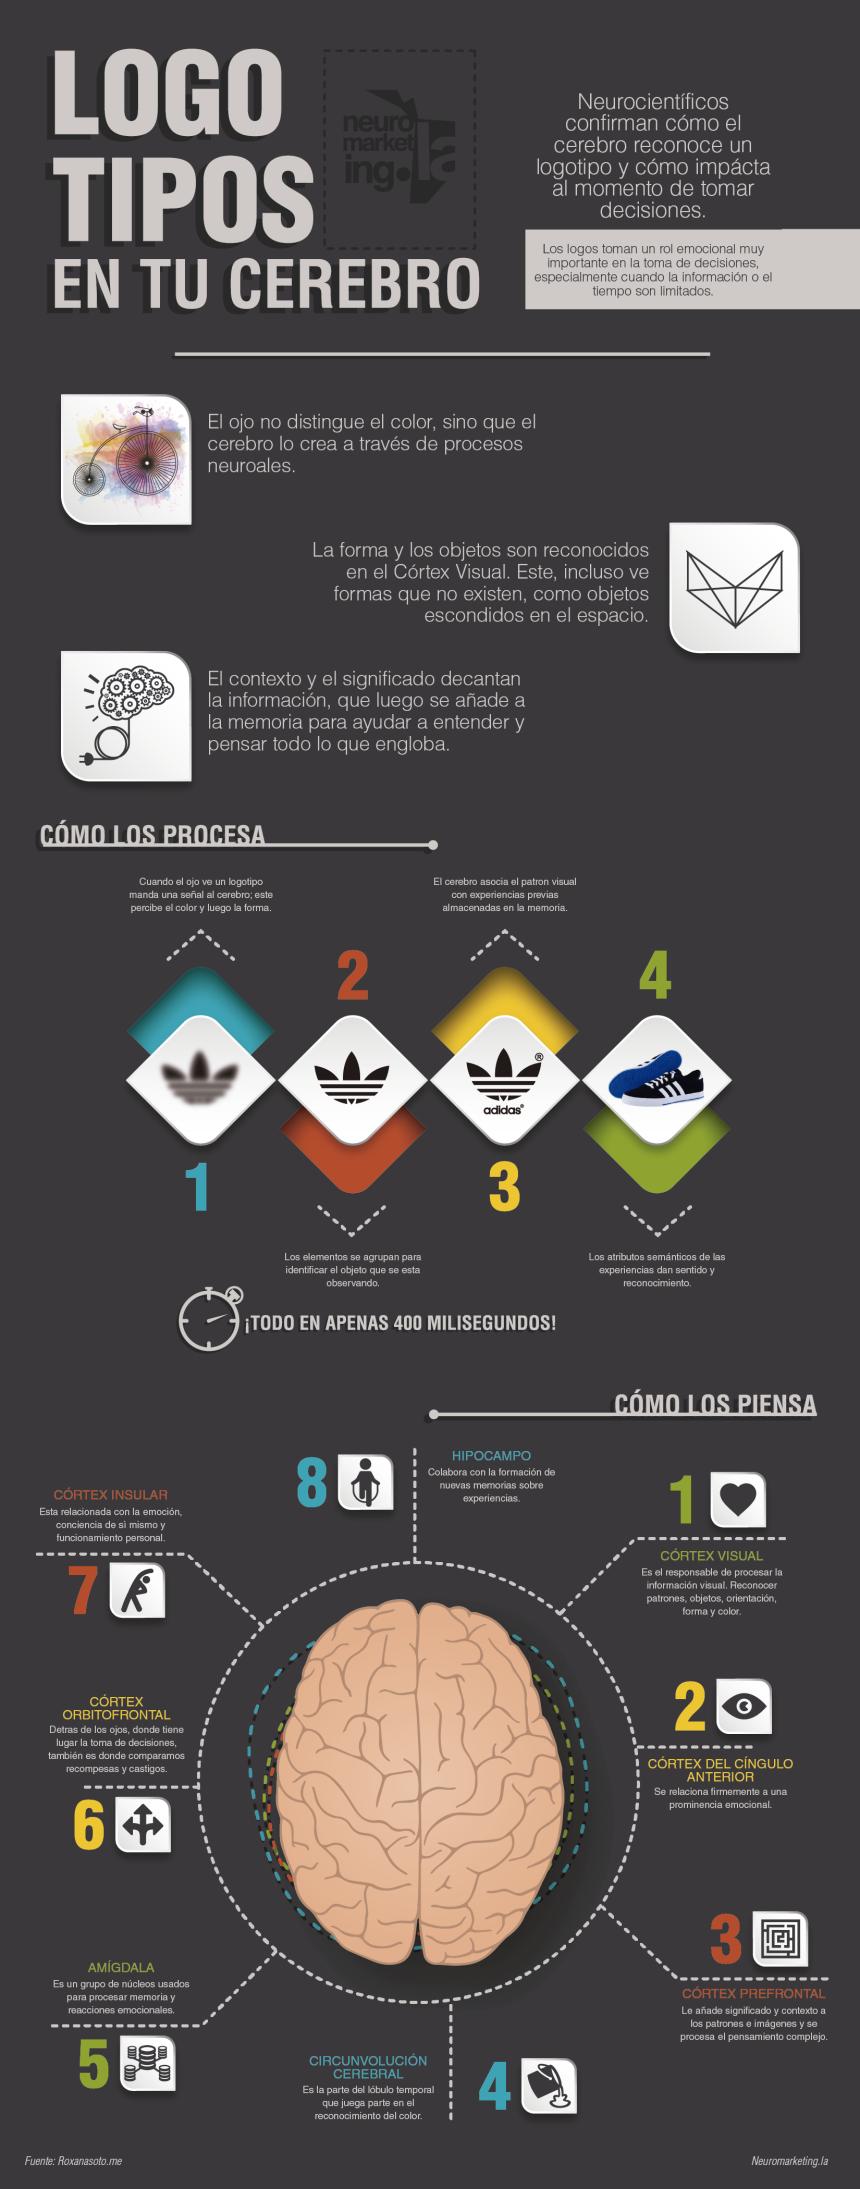 logos-neuromarketing-infografia